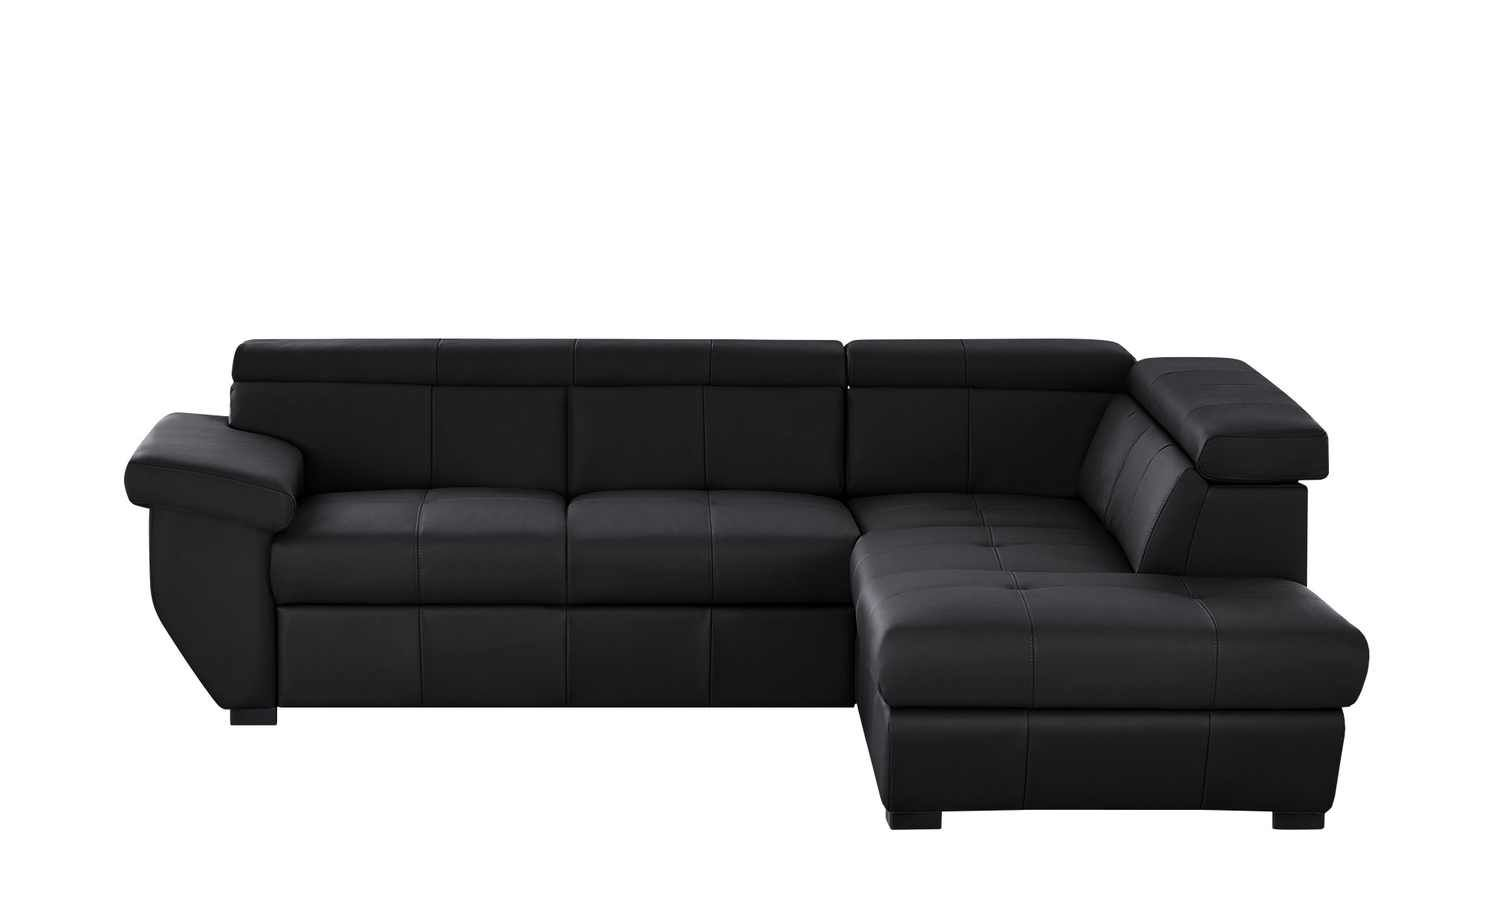 Uno Ecksofa Schwarz Leder Speedway Ecksofa Moderne Couch Und Sofa